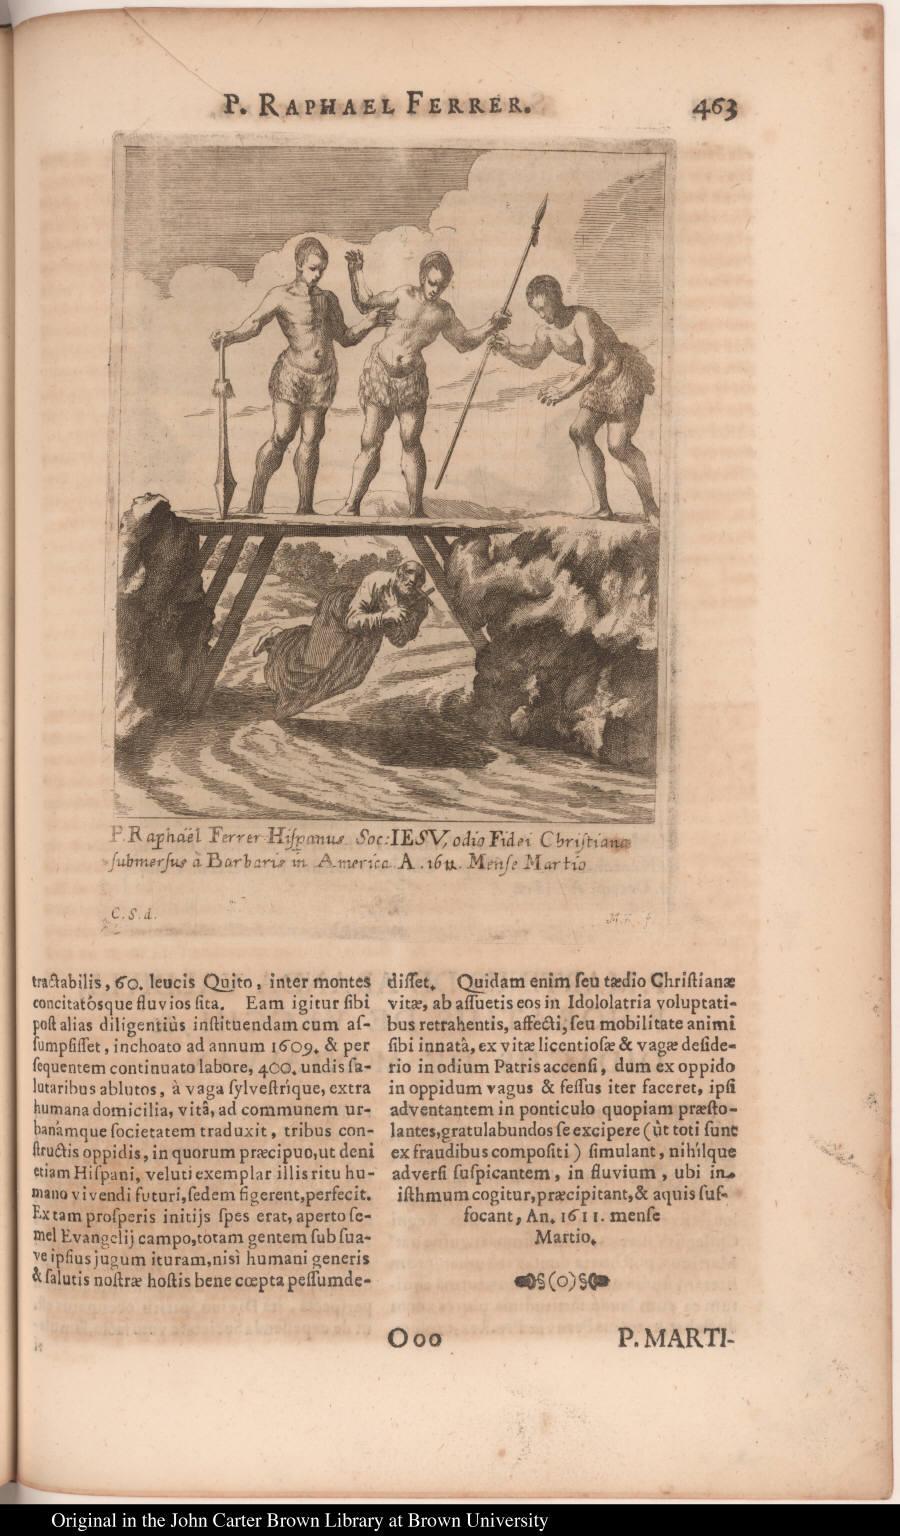 P. Raphaël Ferrer Hispanus Soc: Iesu, odio Fidei Christianae submersus à Barbaris in America. A. 1611. Mense Martio